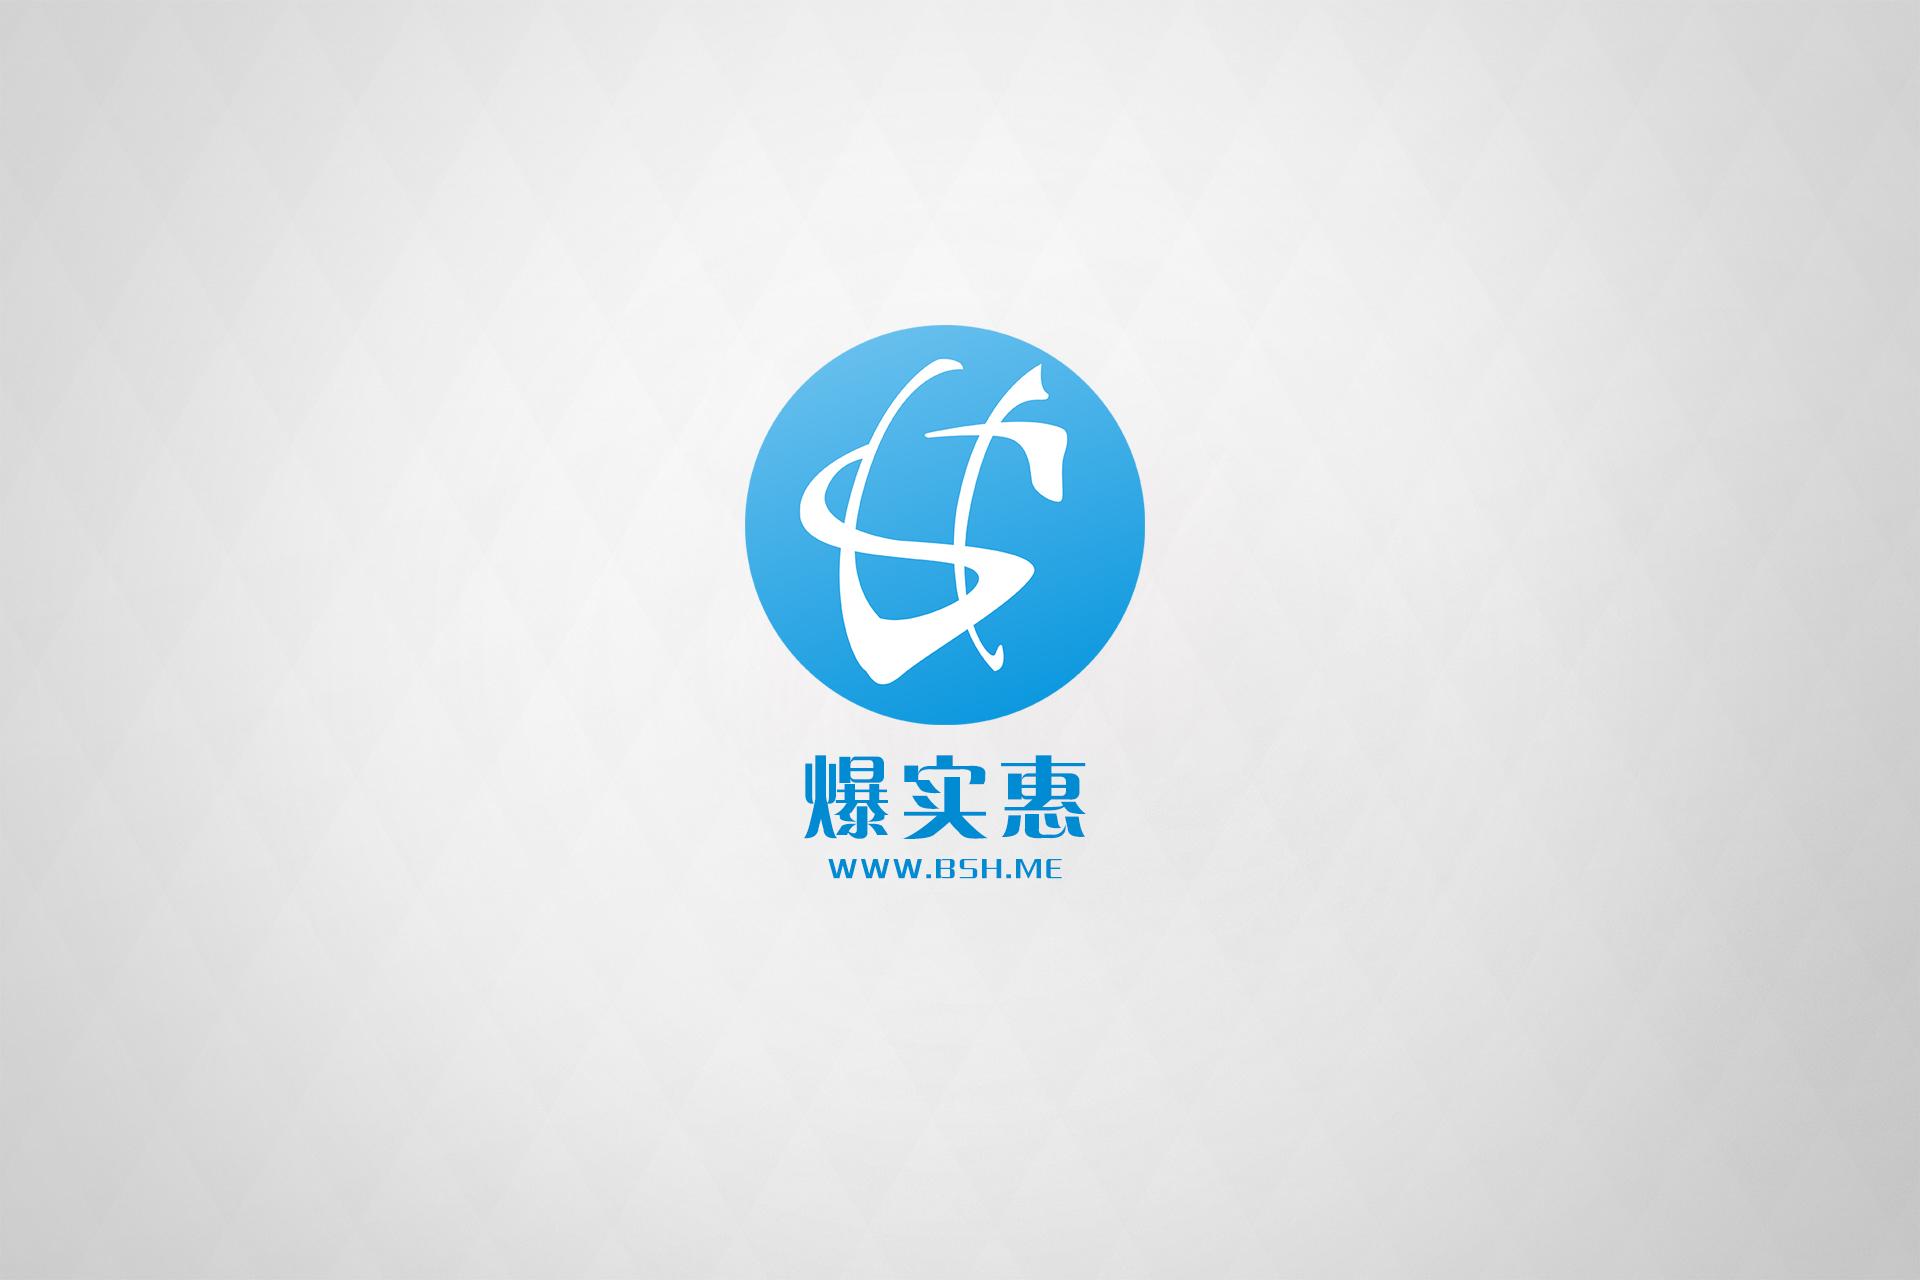 移动客户端logo图标设计